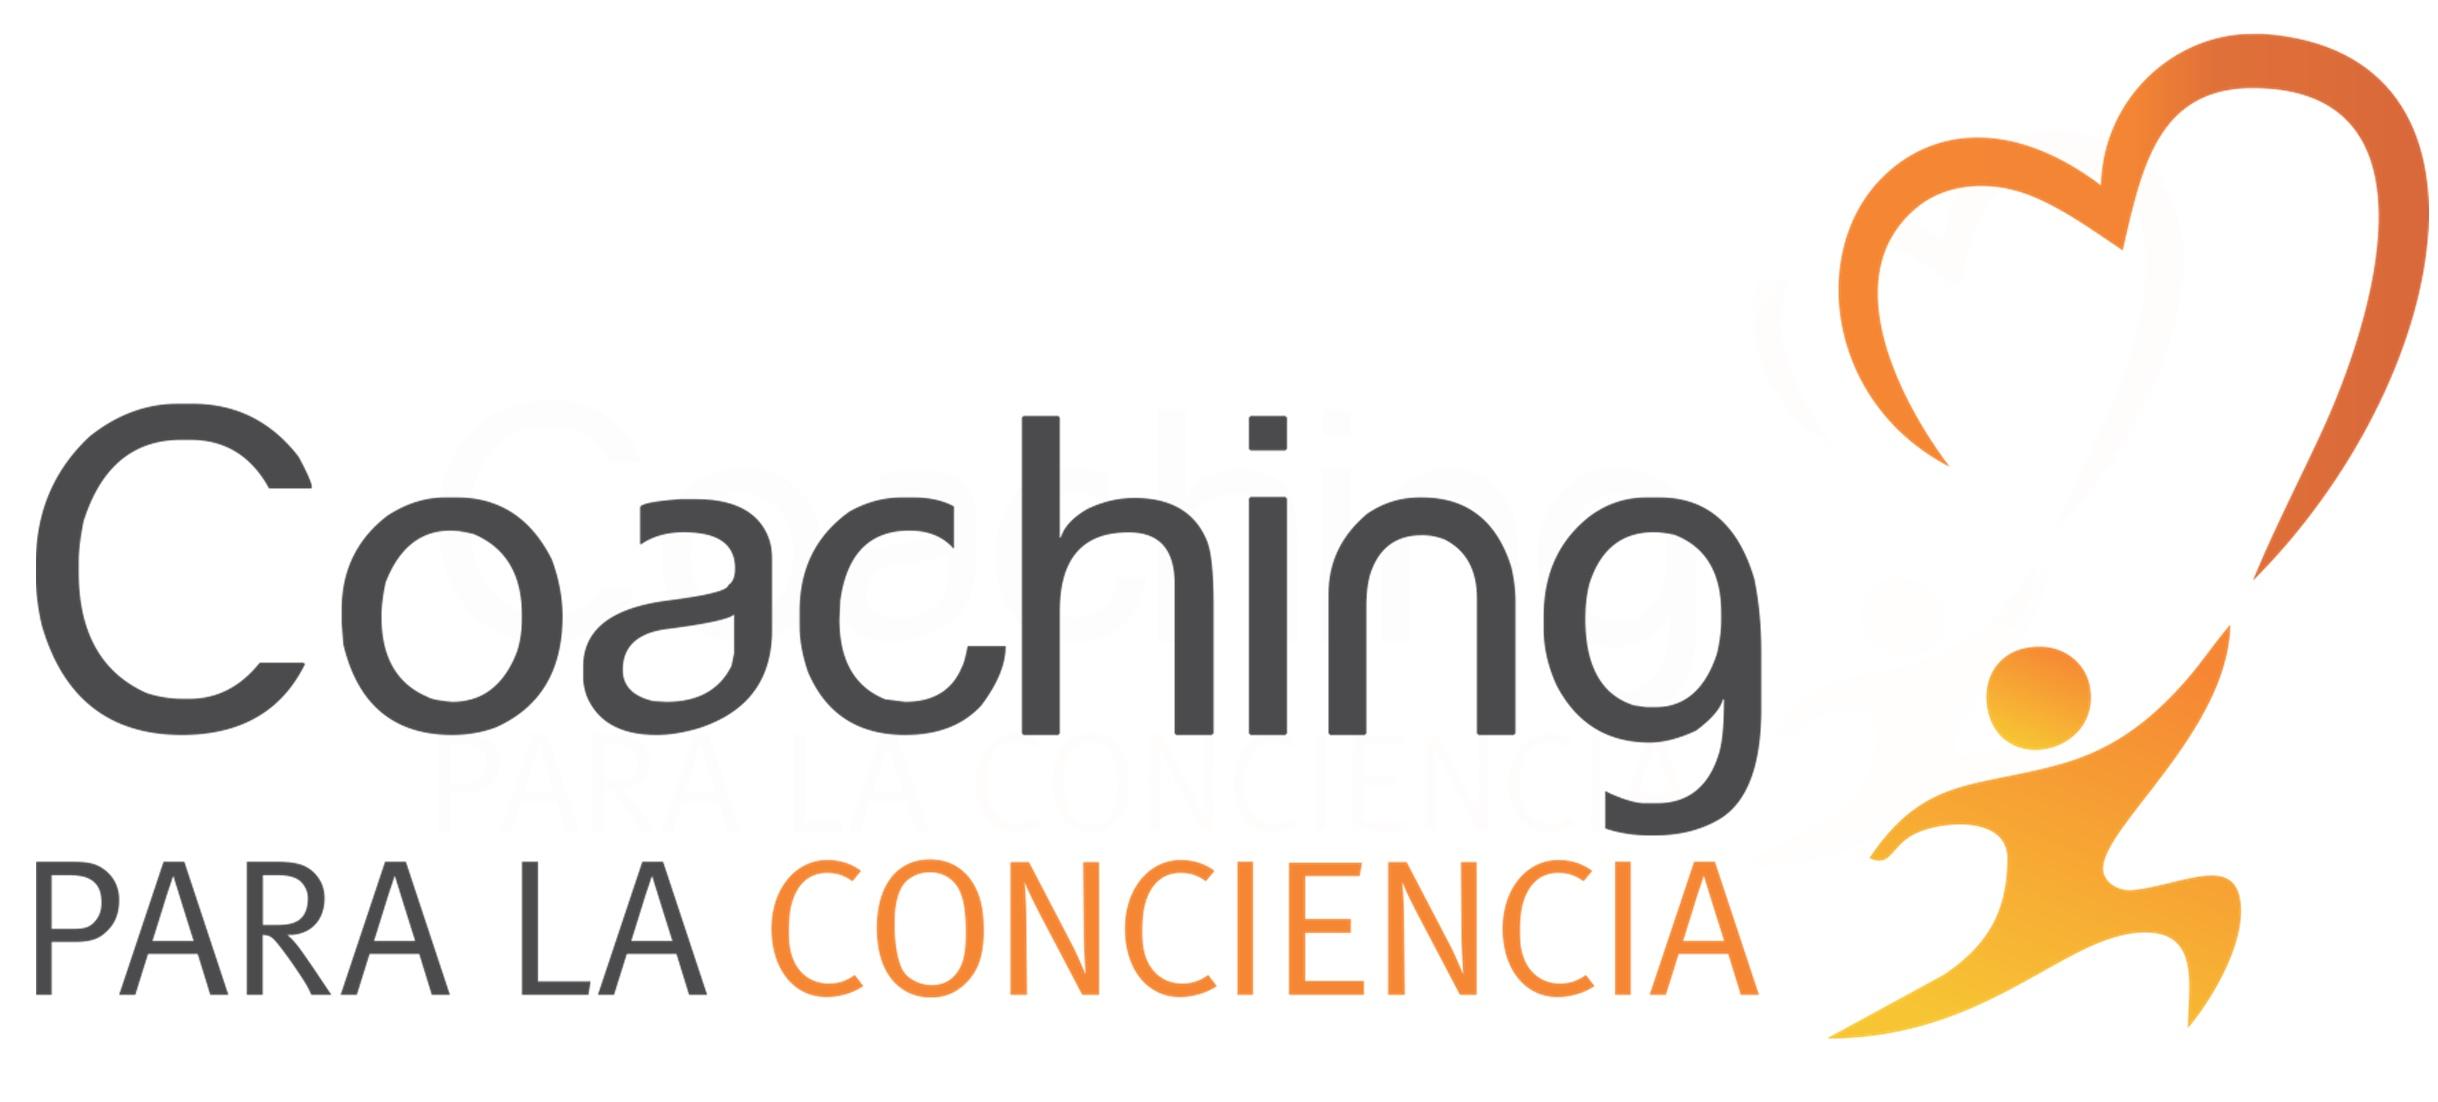 Coaching Para la Conciencia